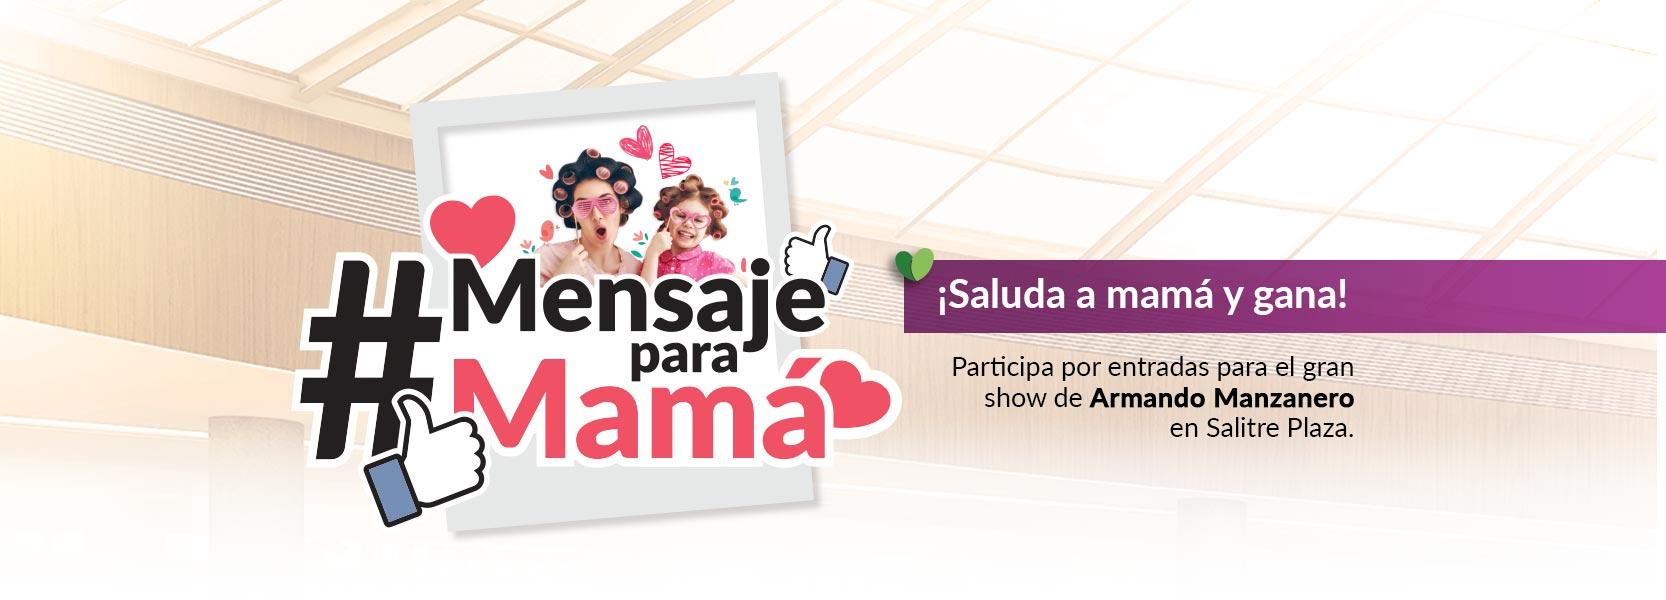 _Mensaje-para-mama